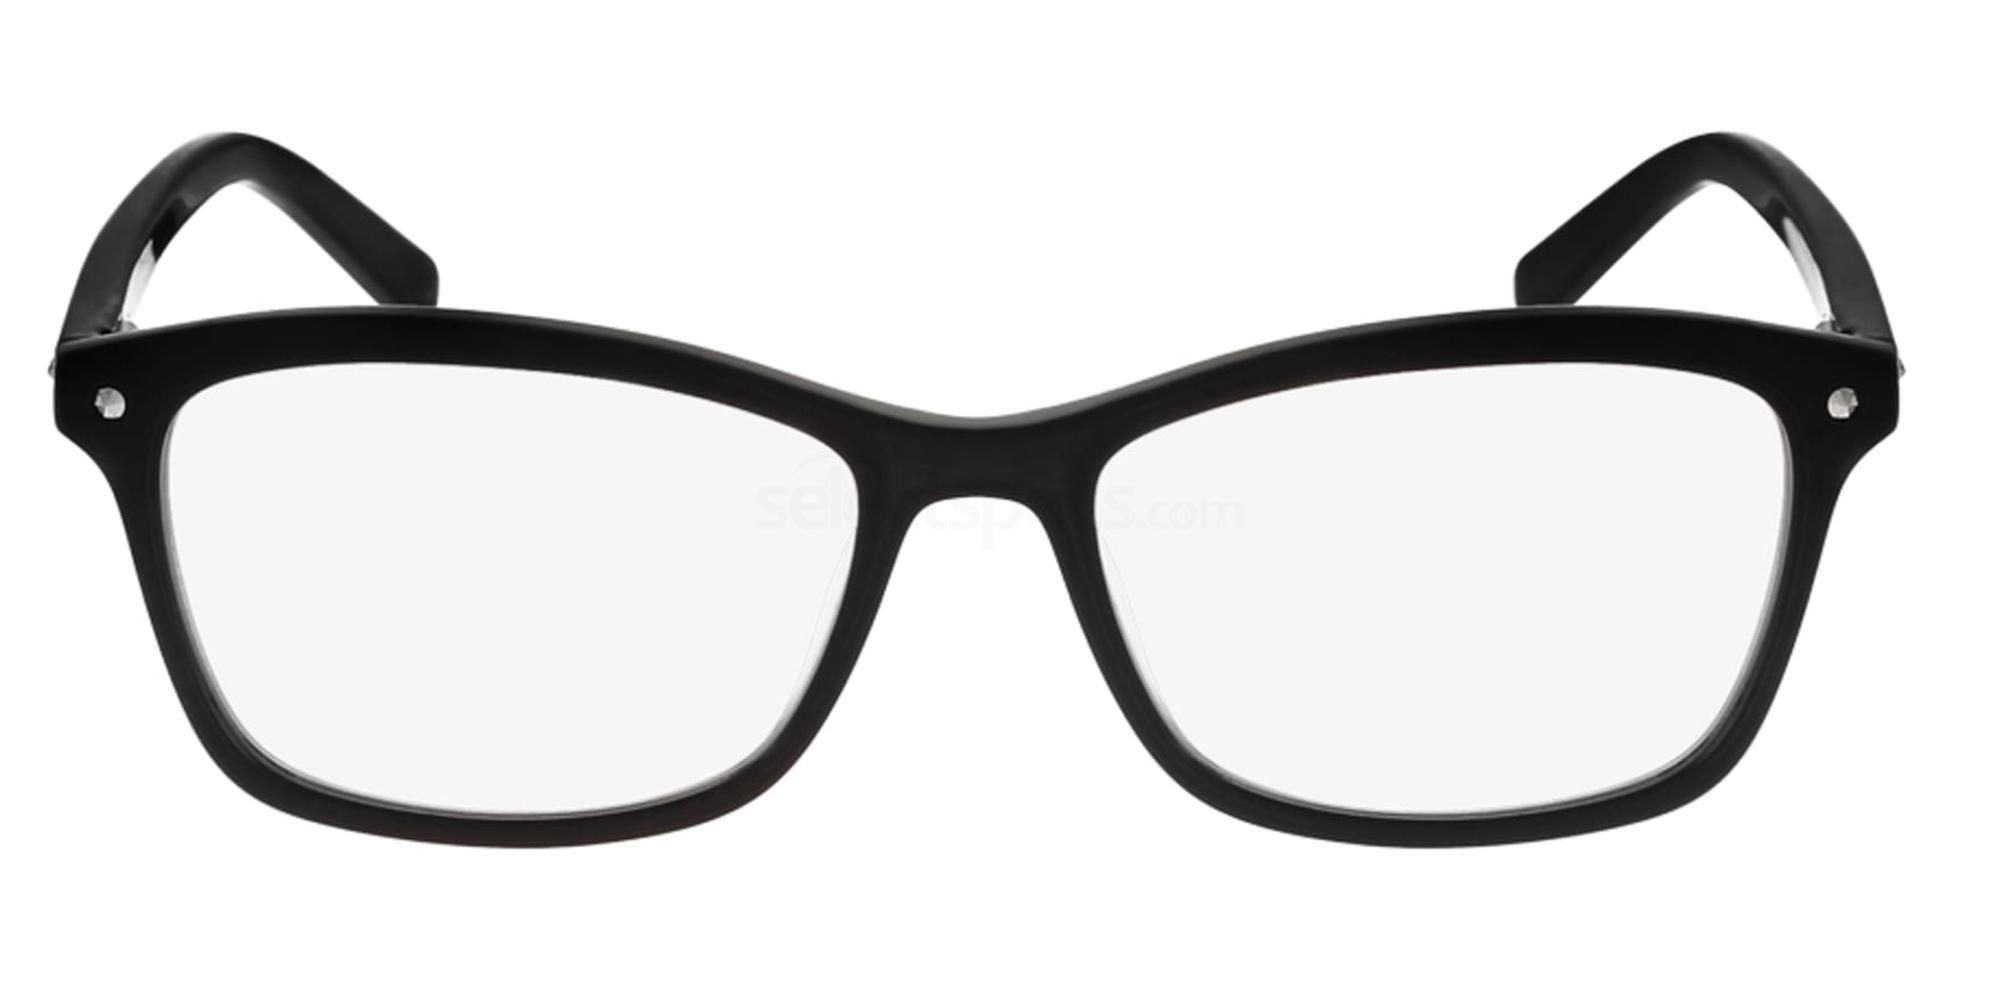 001 DVF5073 Glasses, DVF